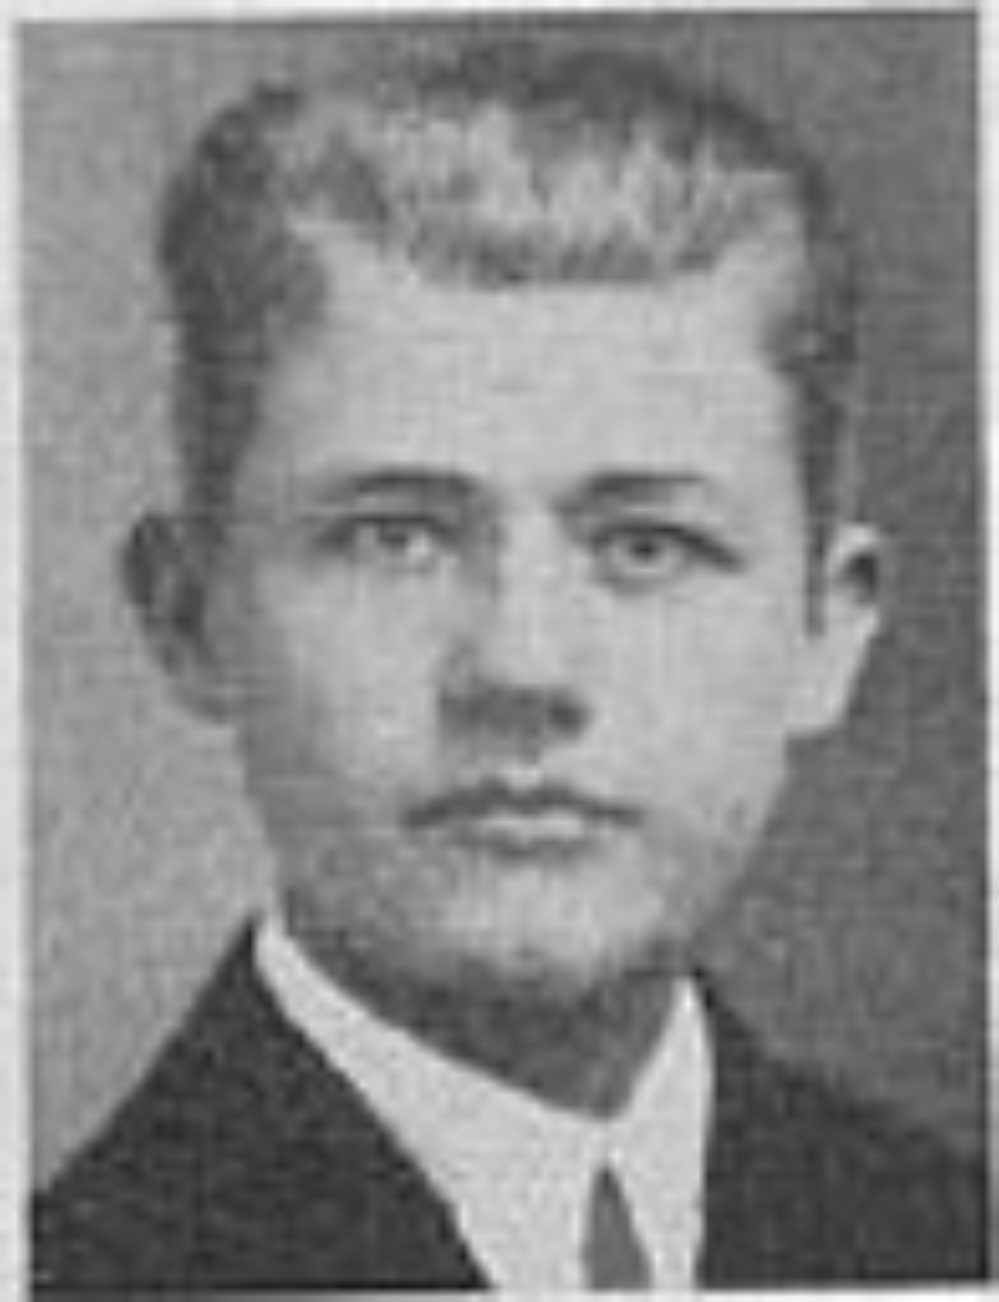 Bertrand Olav Vigdel